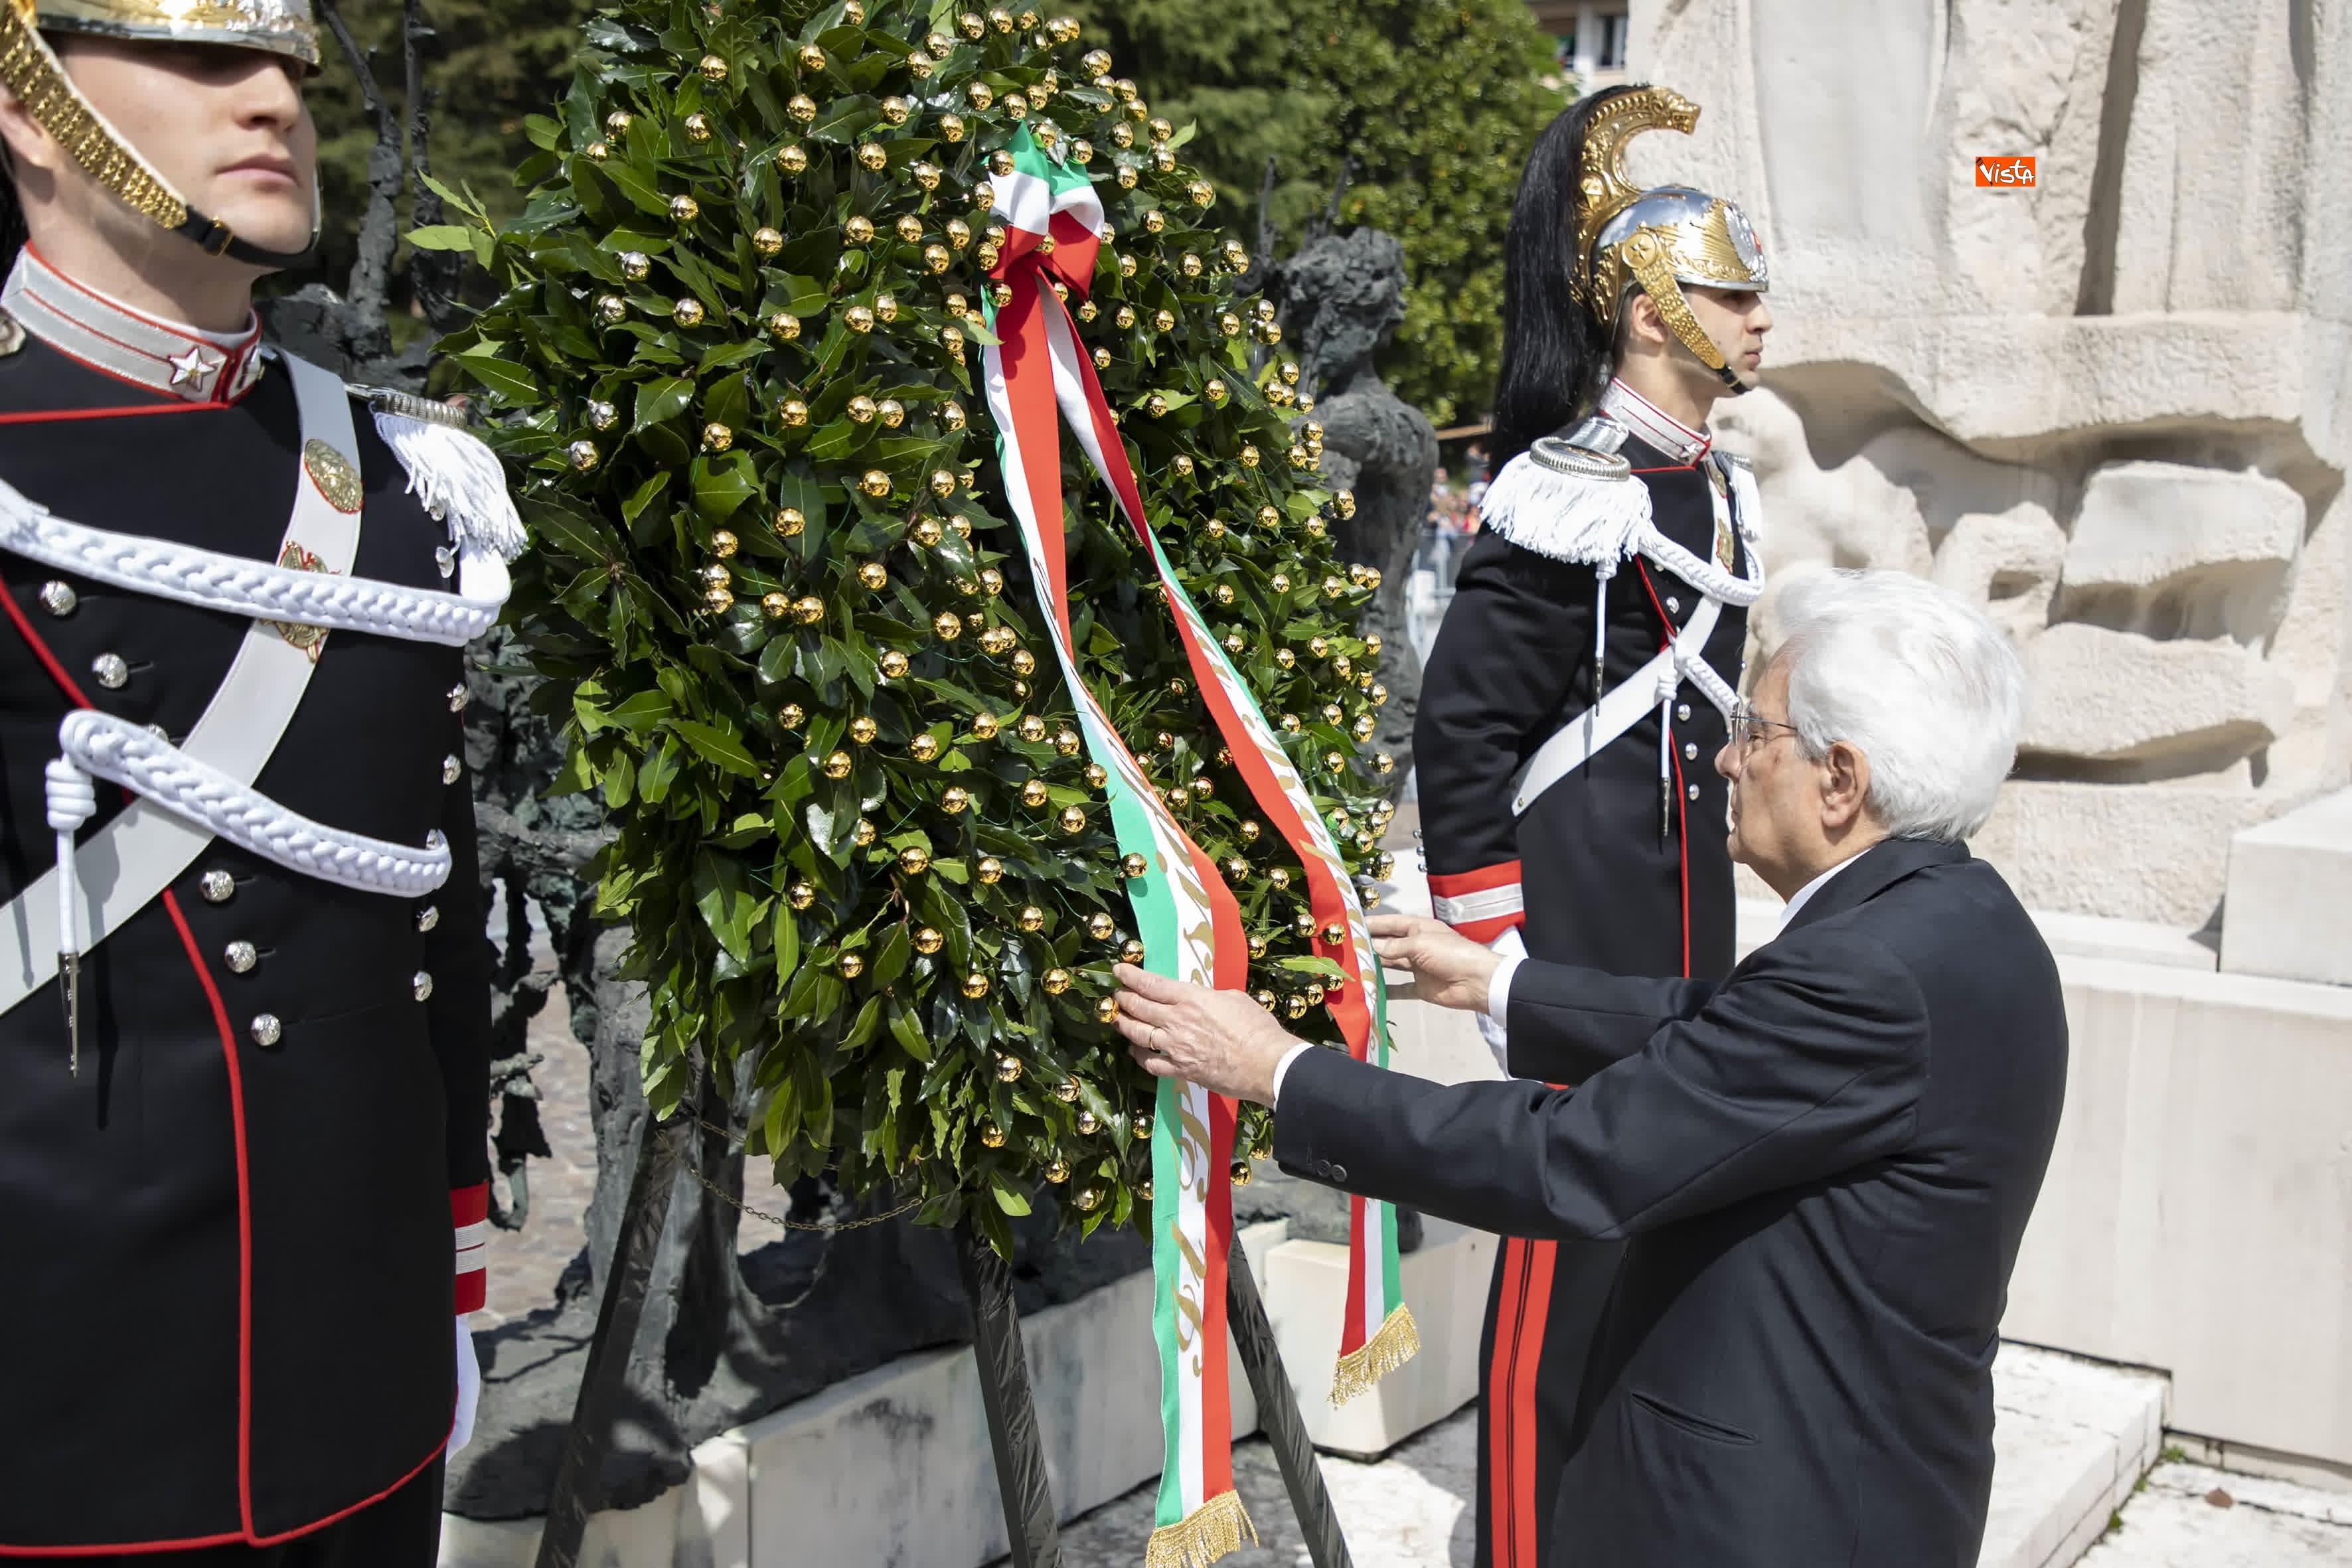 25-04-19 Il Presidente Mattarella assiste alla Cerimonia dell alzabandiera a Vittorio Veneto_06